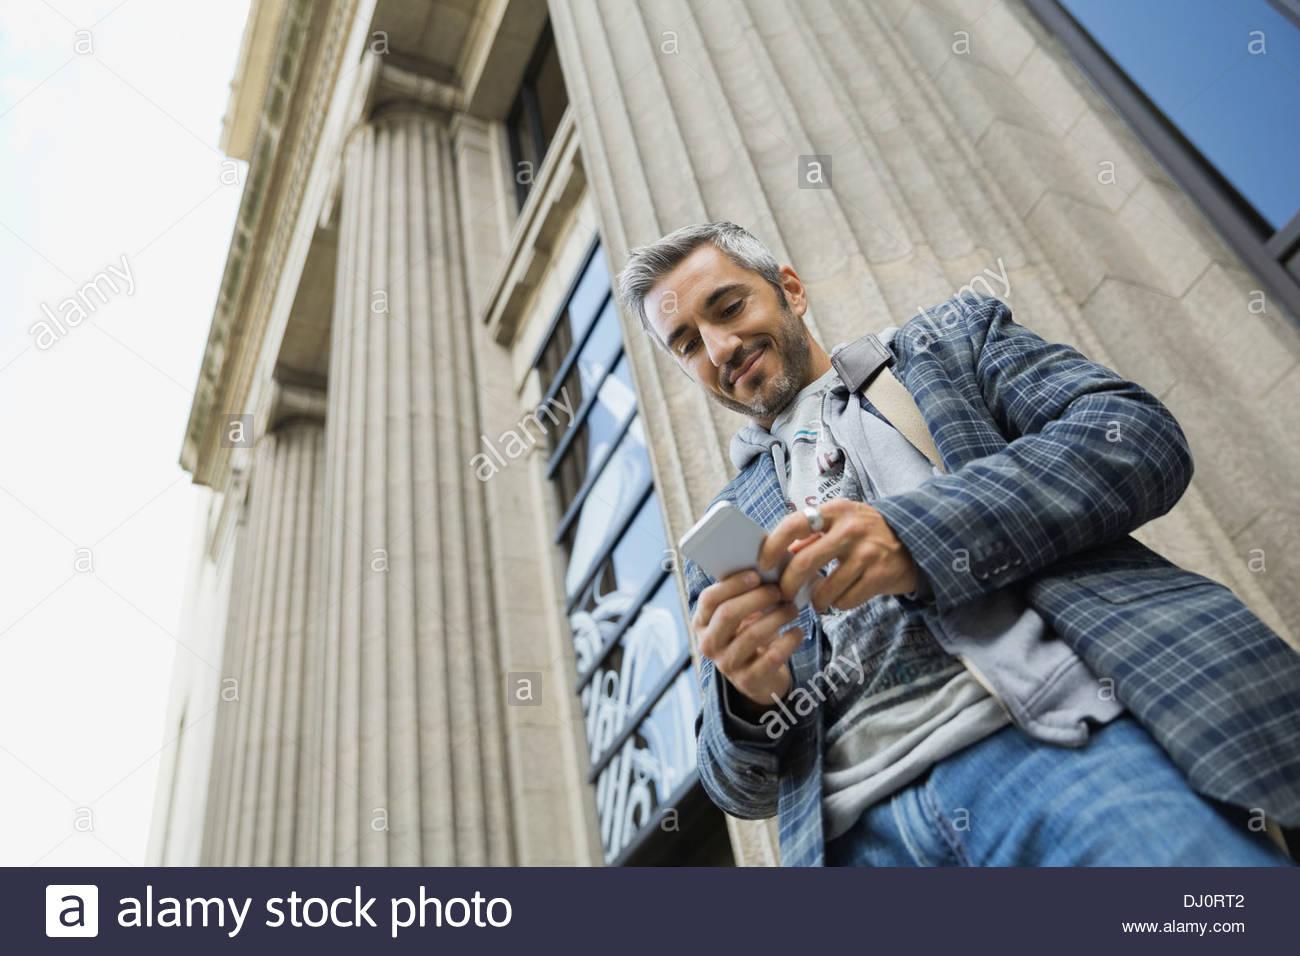 Basso angolo di visione dell'uomo utilizzando smart phone all'aperto Immagini Stock